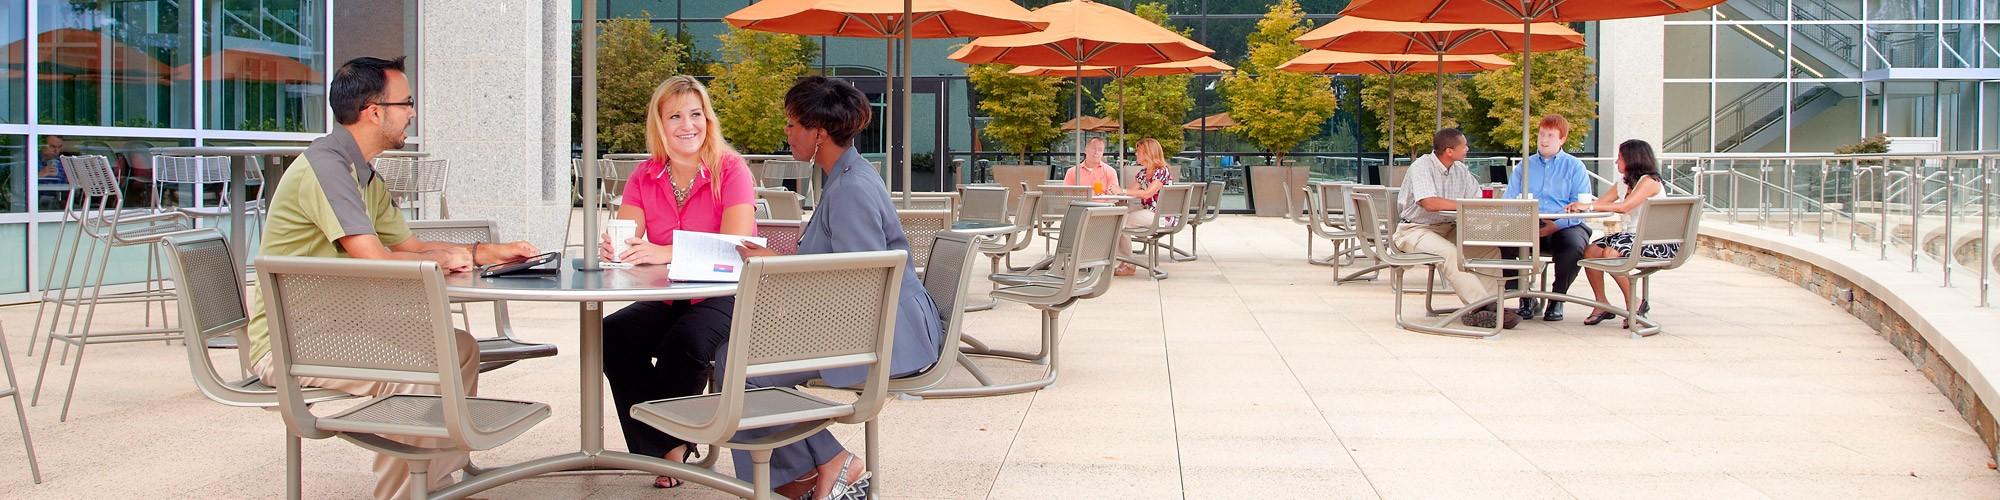 SAS本社(ノースカロライナ州キャリー)の屋外テラスのテーブルで談笑する社員たち